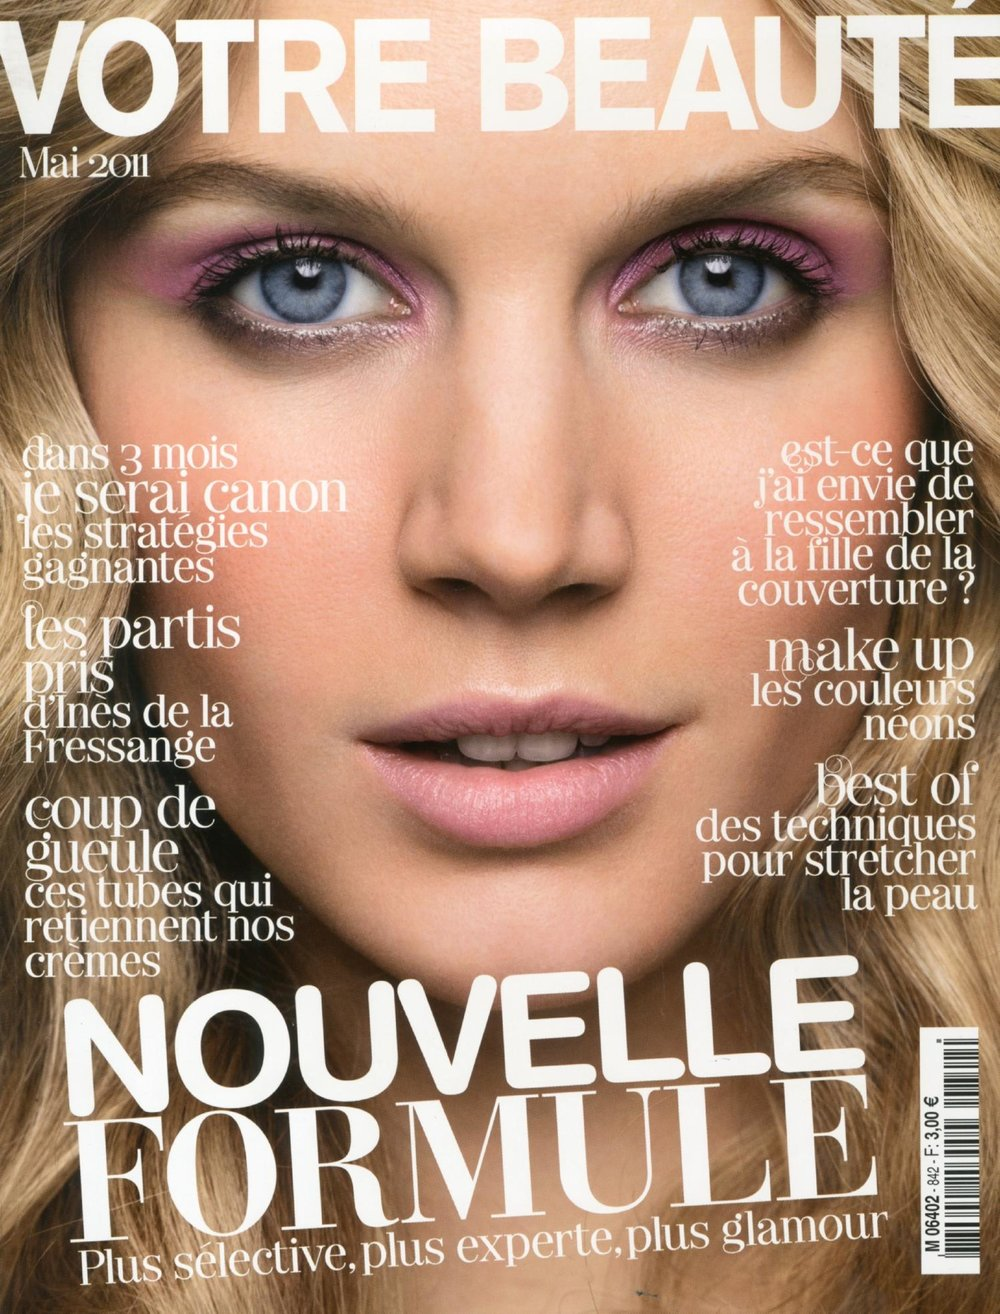 VotreBeauteCover copy (NXPowerLite Copy).JPG